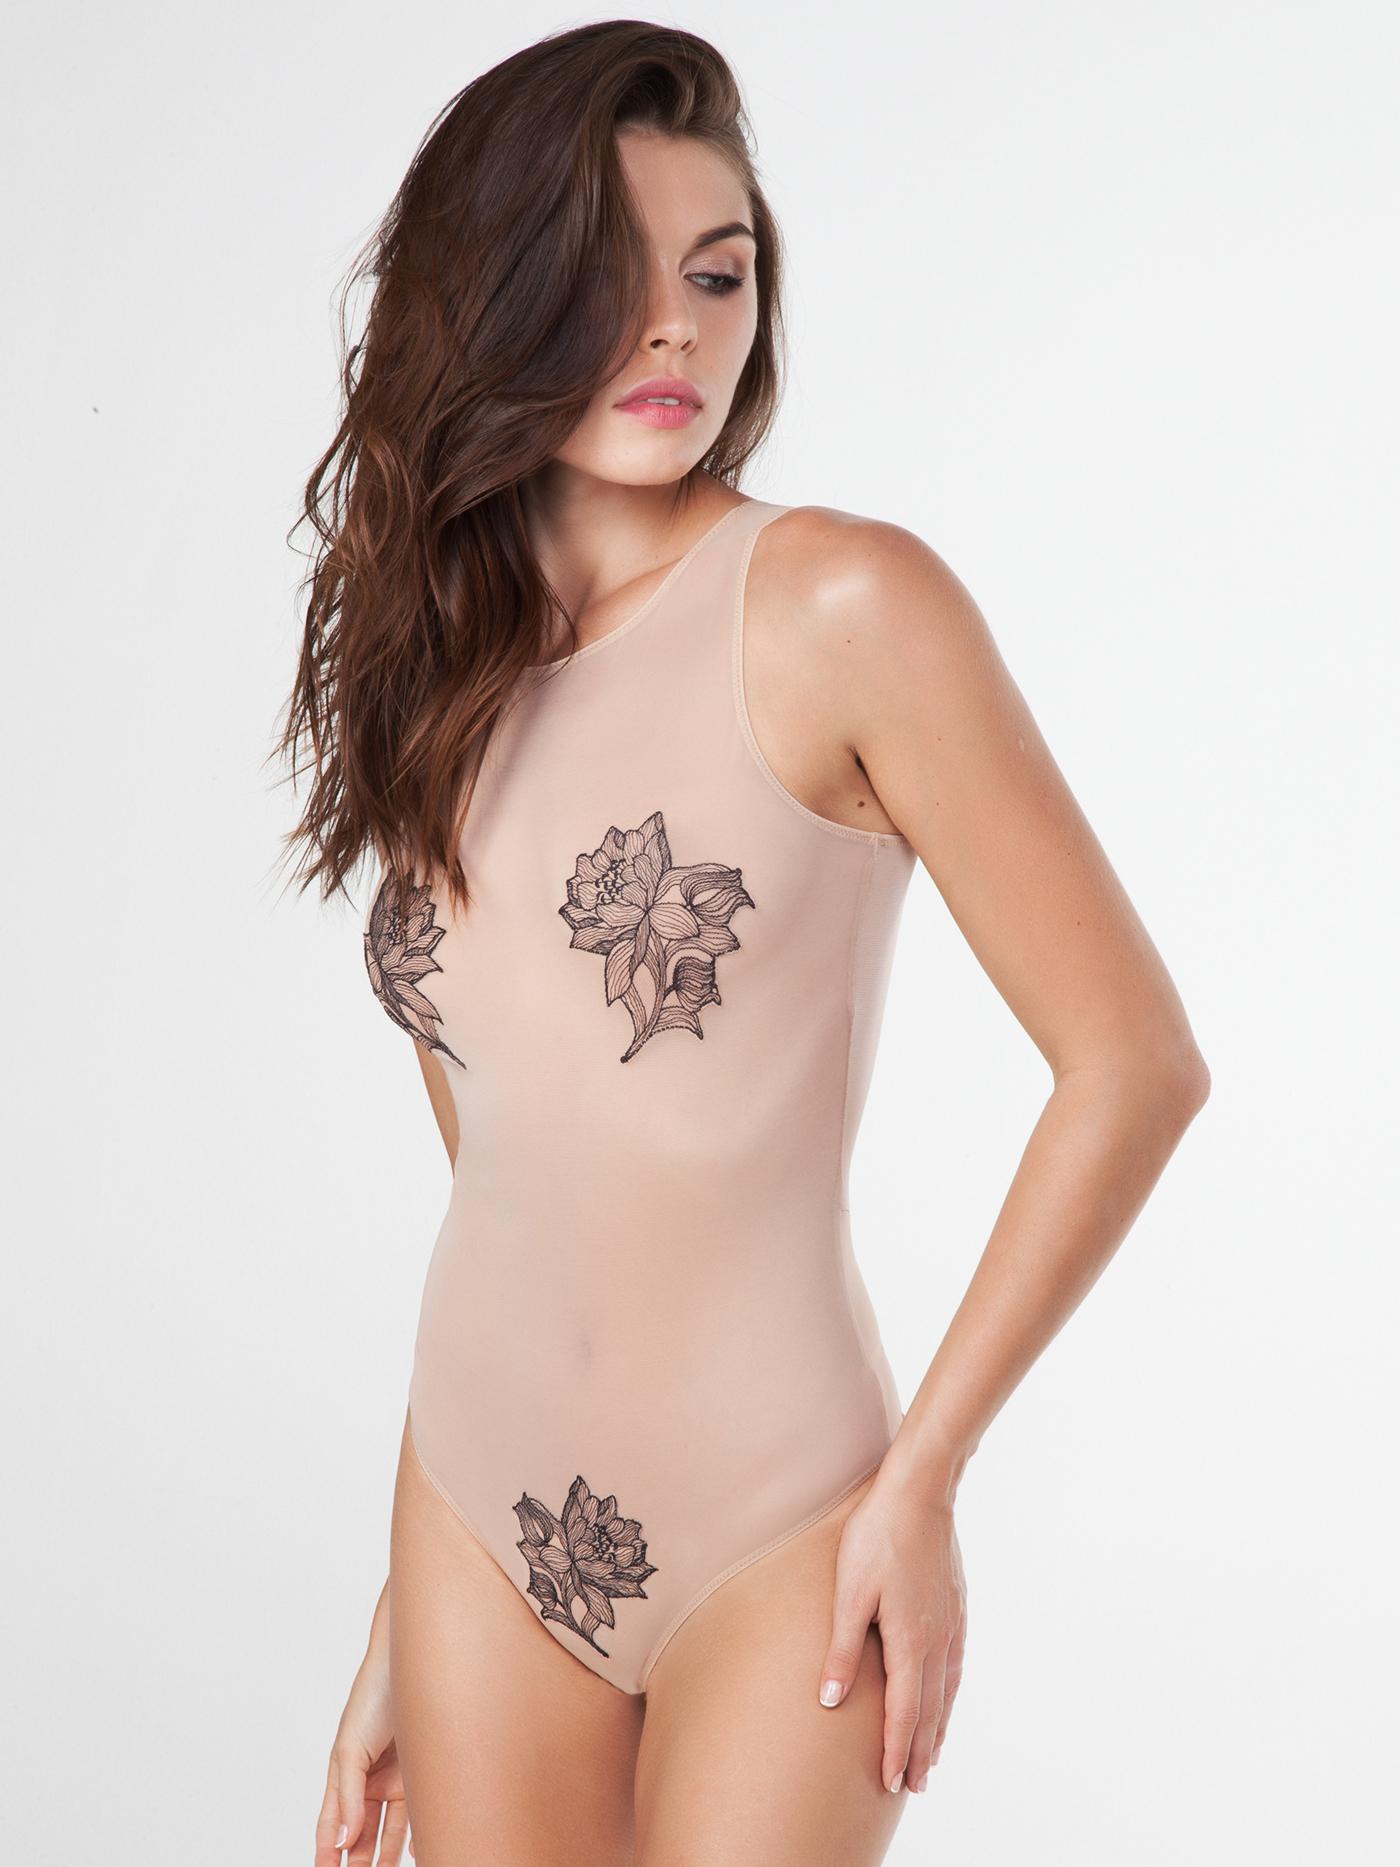 Боди mysticite tattoo chicБюстье<br>боди<br><br>Цвет: Бежевый<br>Декор: Вышивка<br>Стилистика: Сексуальное<br>Направление: Бюстье<br>Пол: Женский<br>Материал: 82% ПЭ; 16% ЭЛ; 2% ХЛОПОК<br>Размер: 2